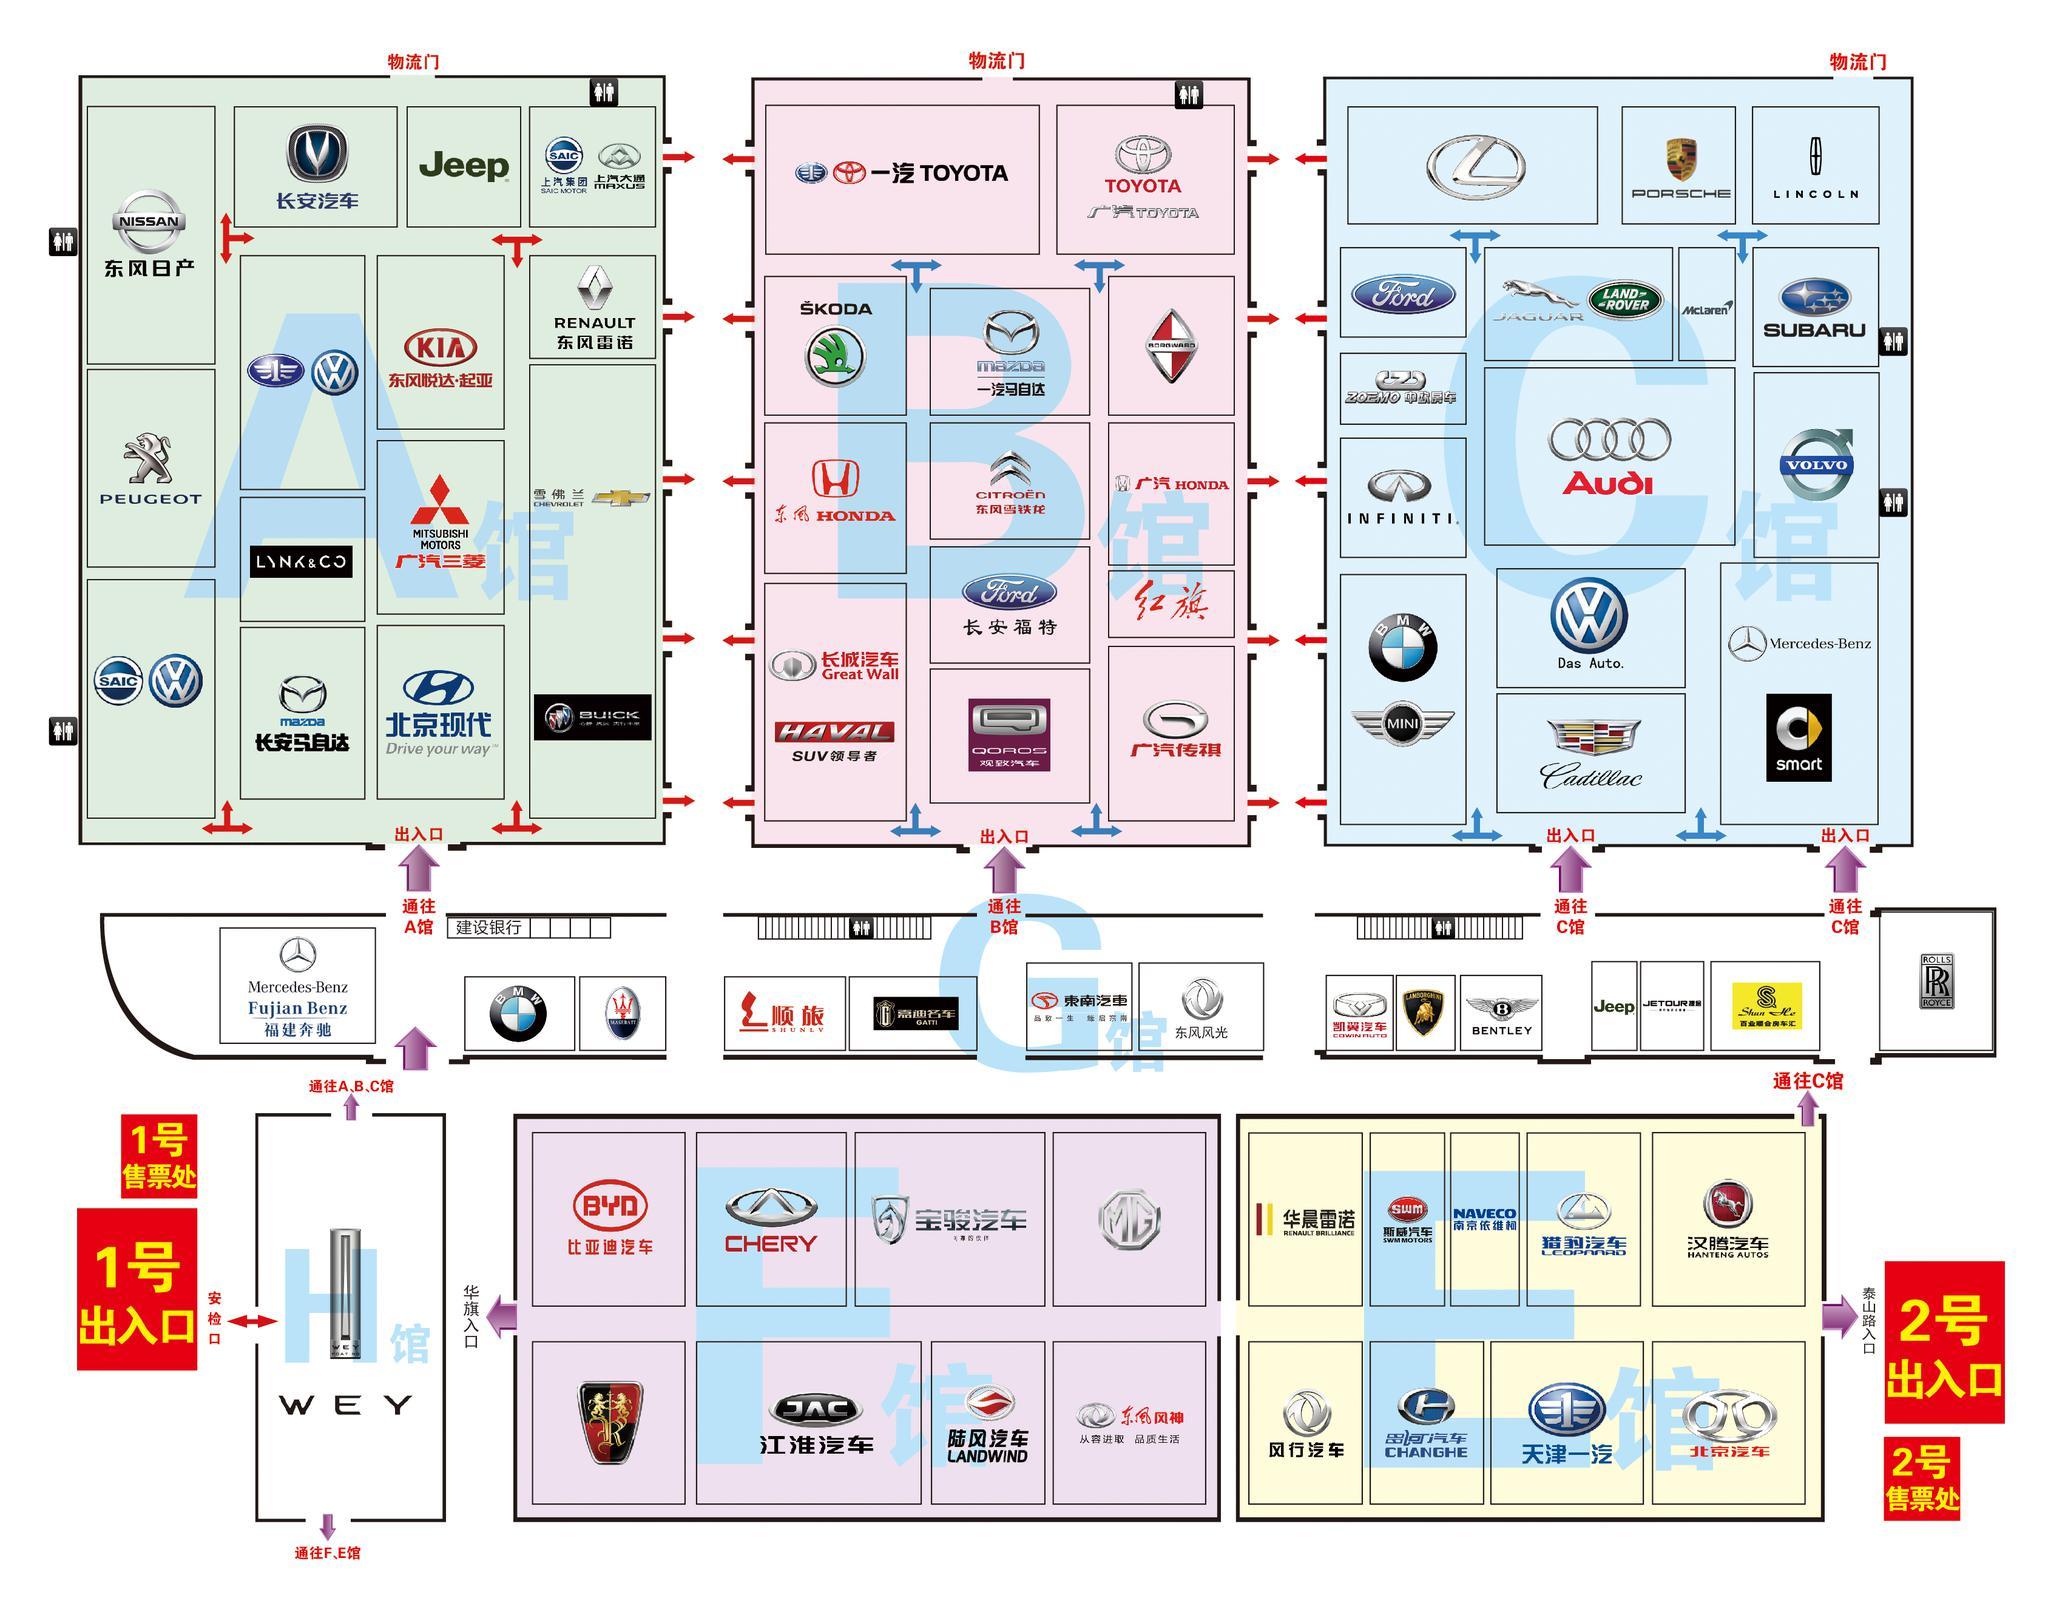 2018年哈尔滨国际车展各馆展位图